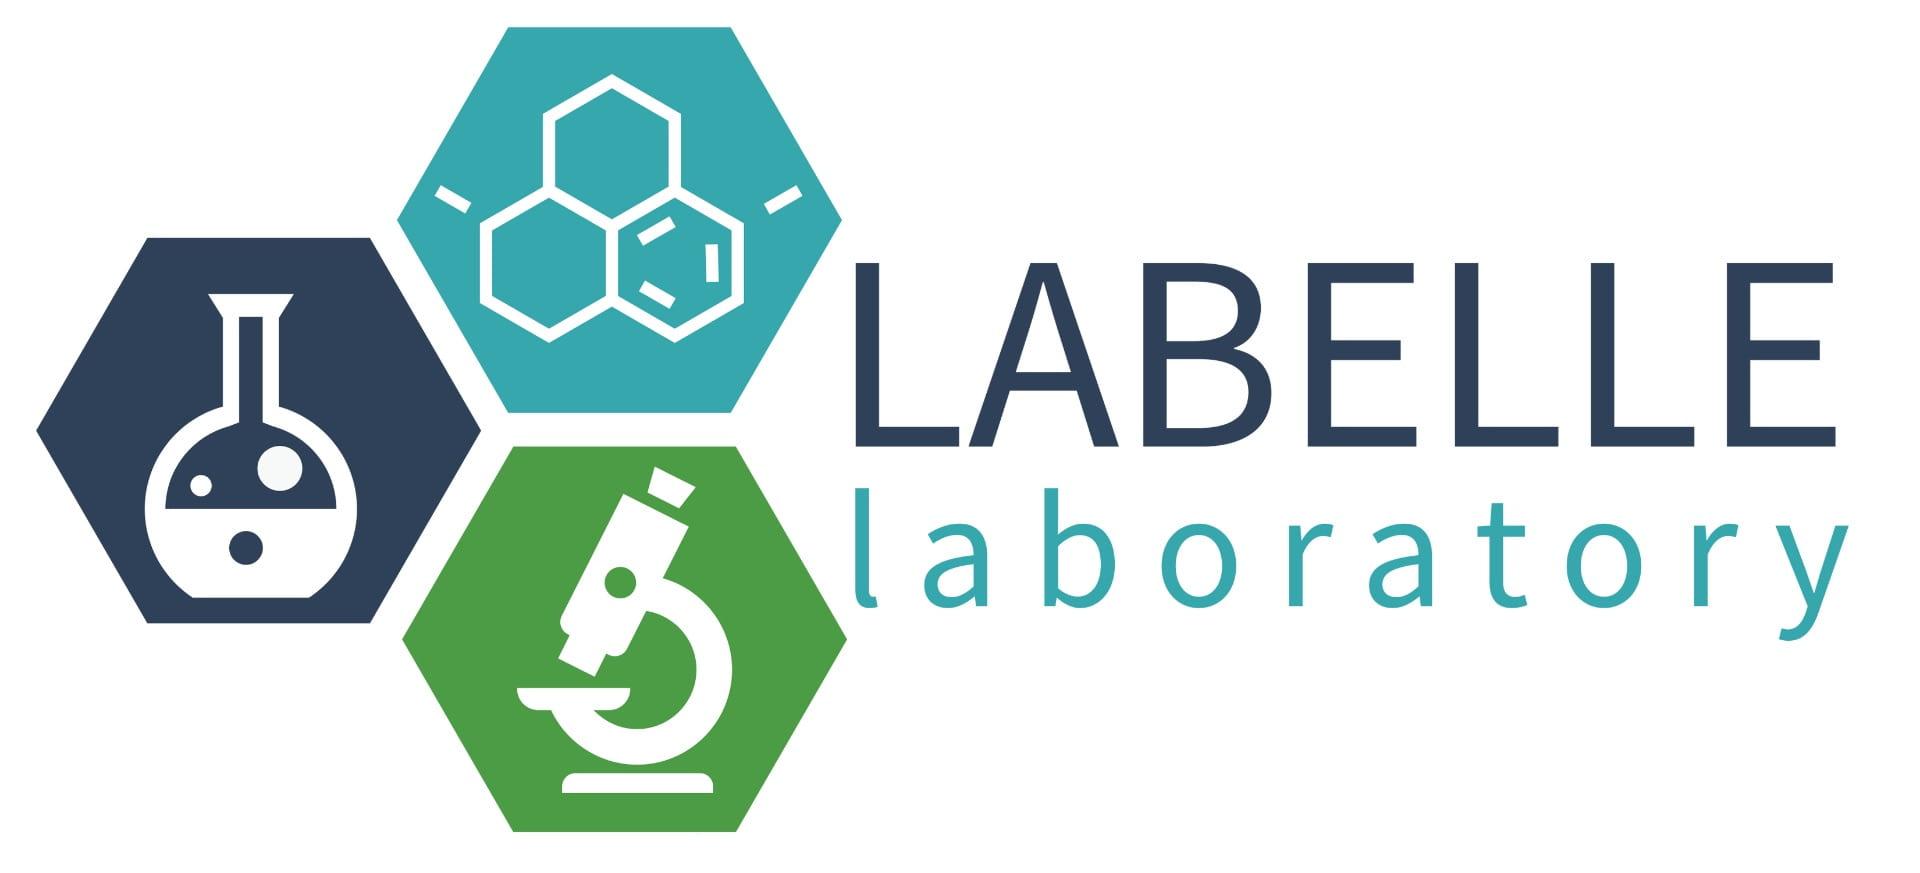 labelle lab